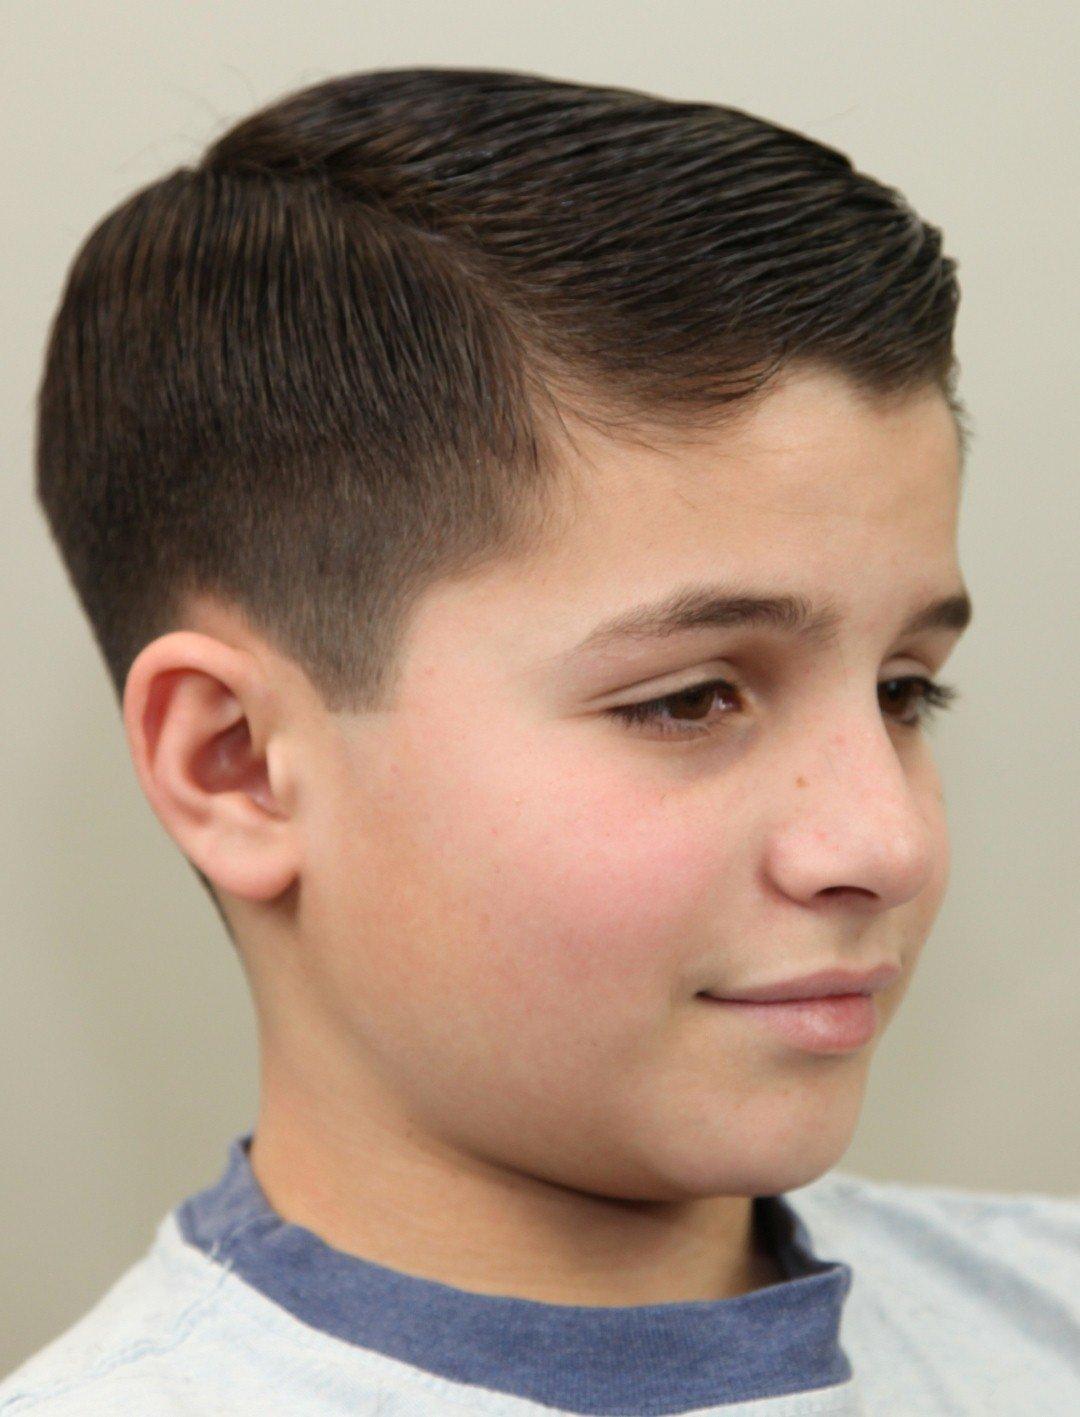 Стильная причёска в 14 лет мальчикам